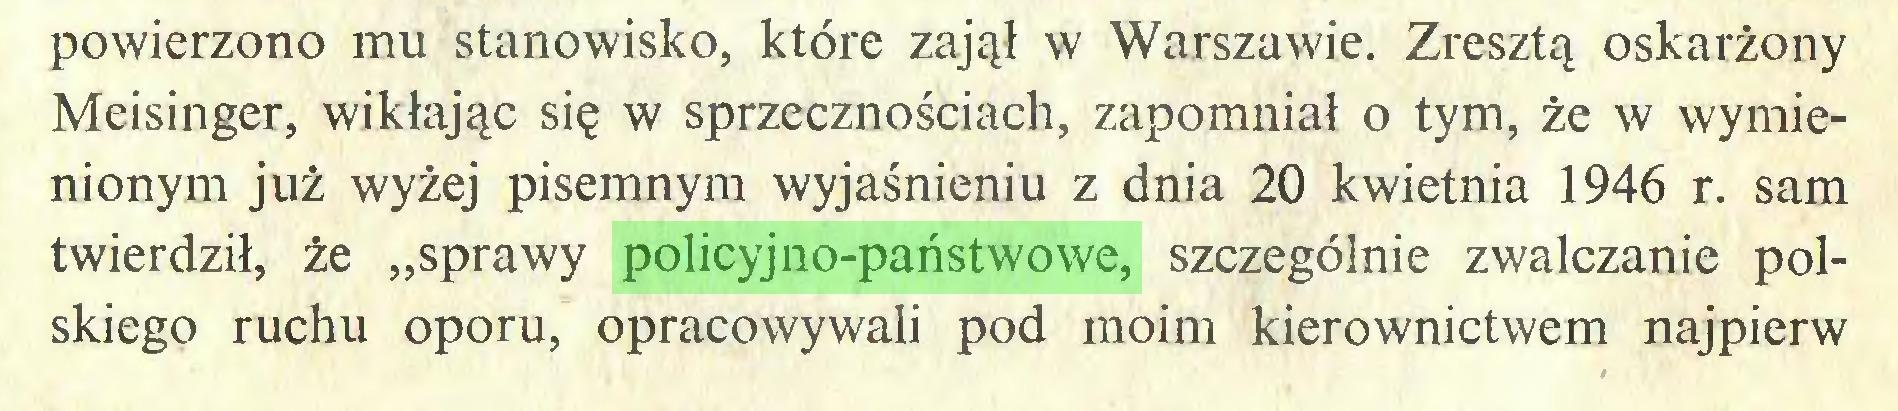 """(...) powierzono mu stanowisko, które zajął w Warszawie. Zresztą oskarżony Meisinger, wikłając się w sprzecznościach, zapomniał o tym, że w wymienionym już wyżej pisemnym wyjaśnieniu z dnia 20 kwietnia 1946 r. sam twierdził, że """"sprawy policyjno-państwowe, szczególnie zwalczanie polskiego ruchu oporu, opracowywali pod moim kierownictwem najpierw..."""